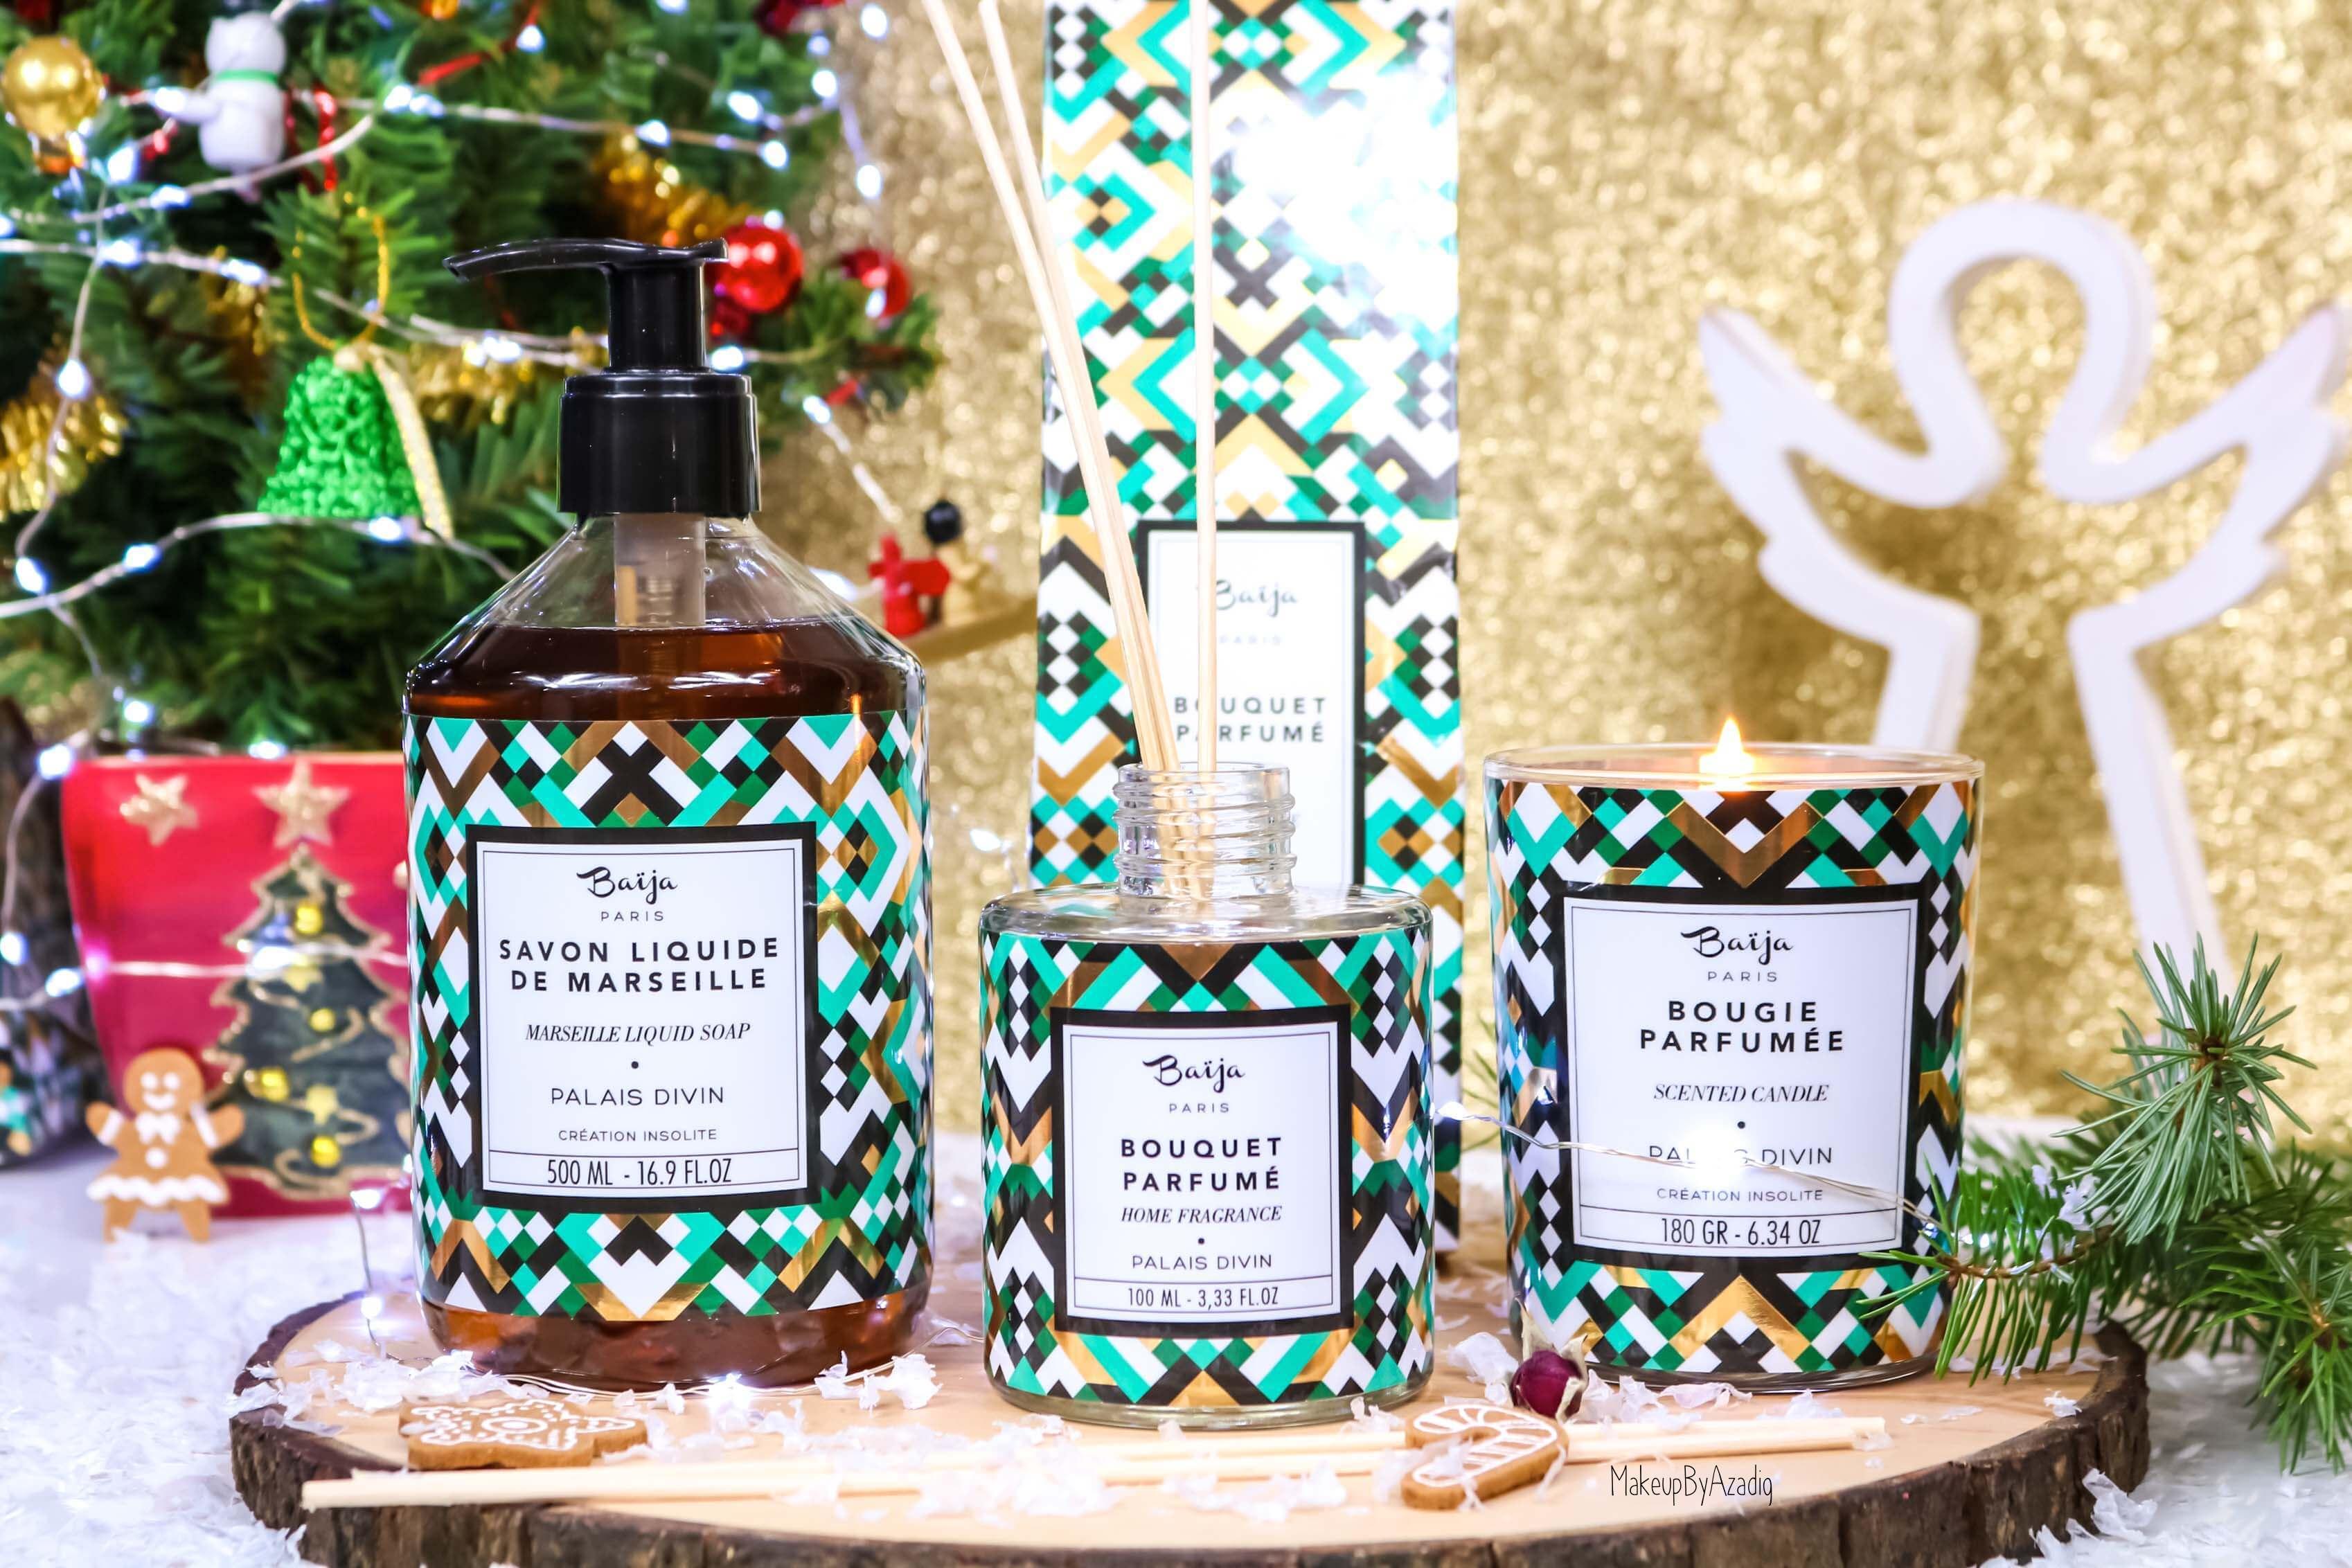 nouveaute-parfum-interieur-maison-baija-palais-divin-ambre-vanille-bougie-savon-marseille-bouquet-avis-prix-makeupbyazadig-hiver